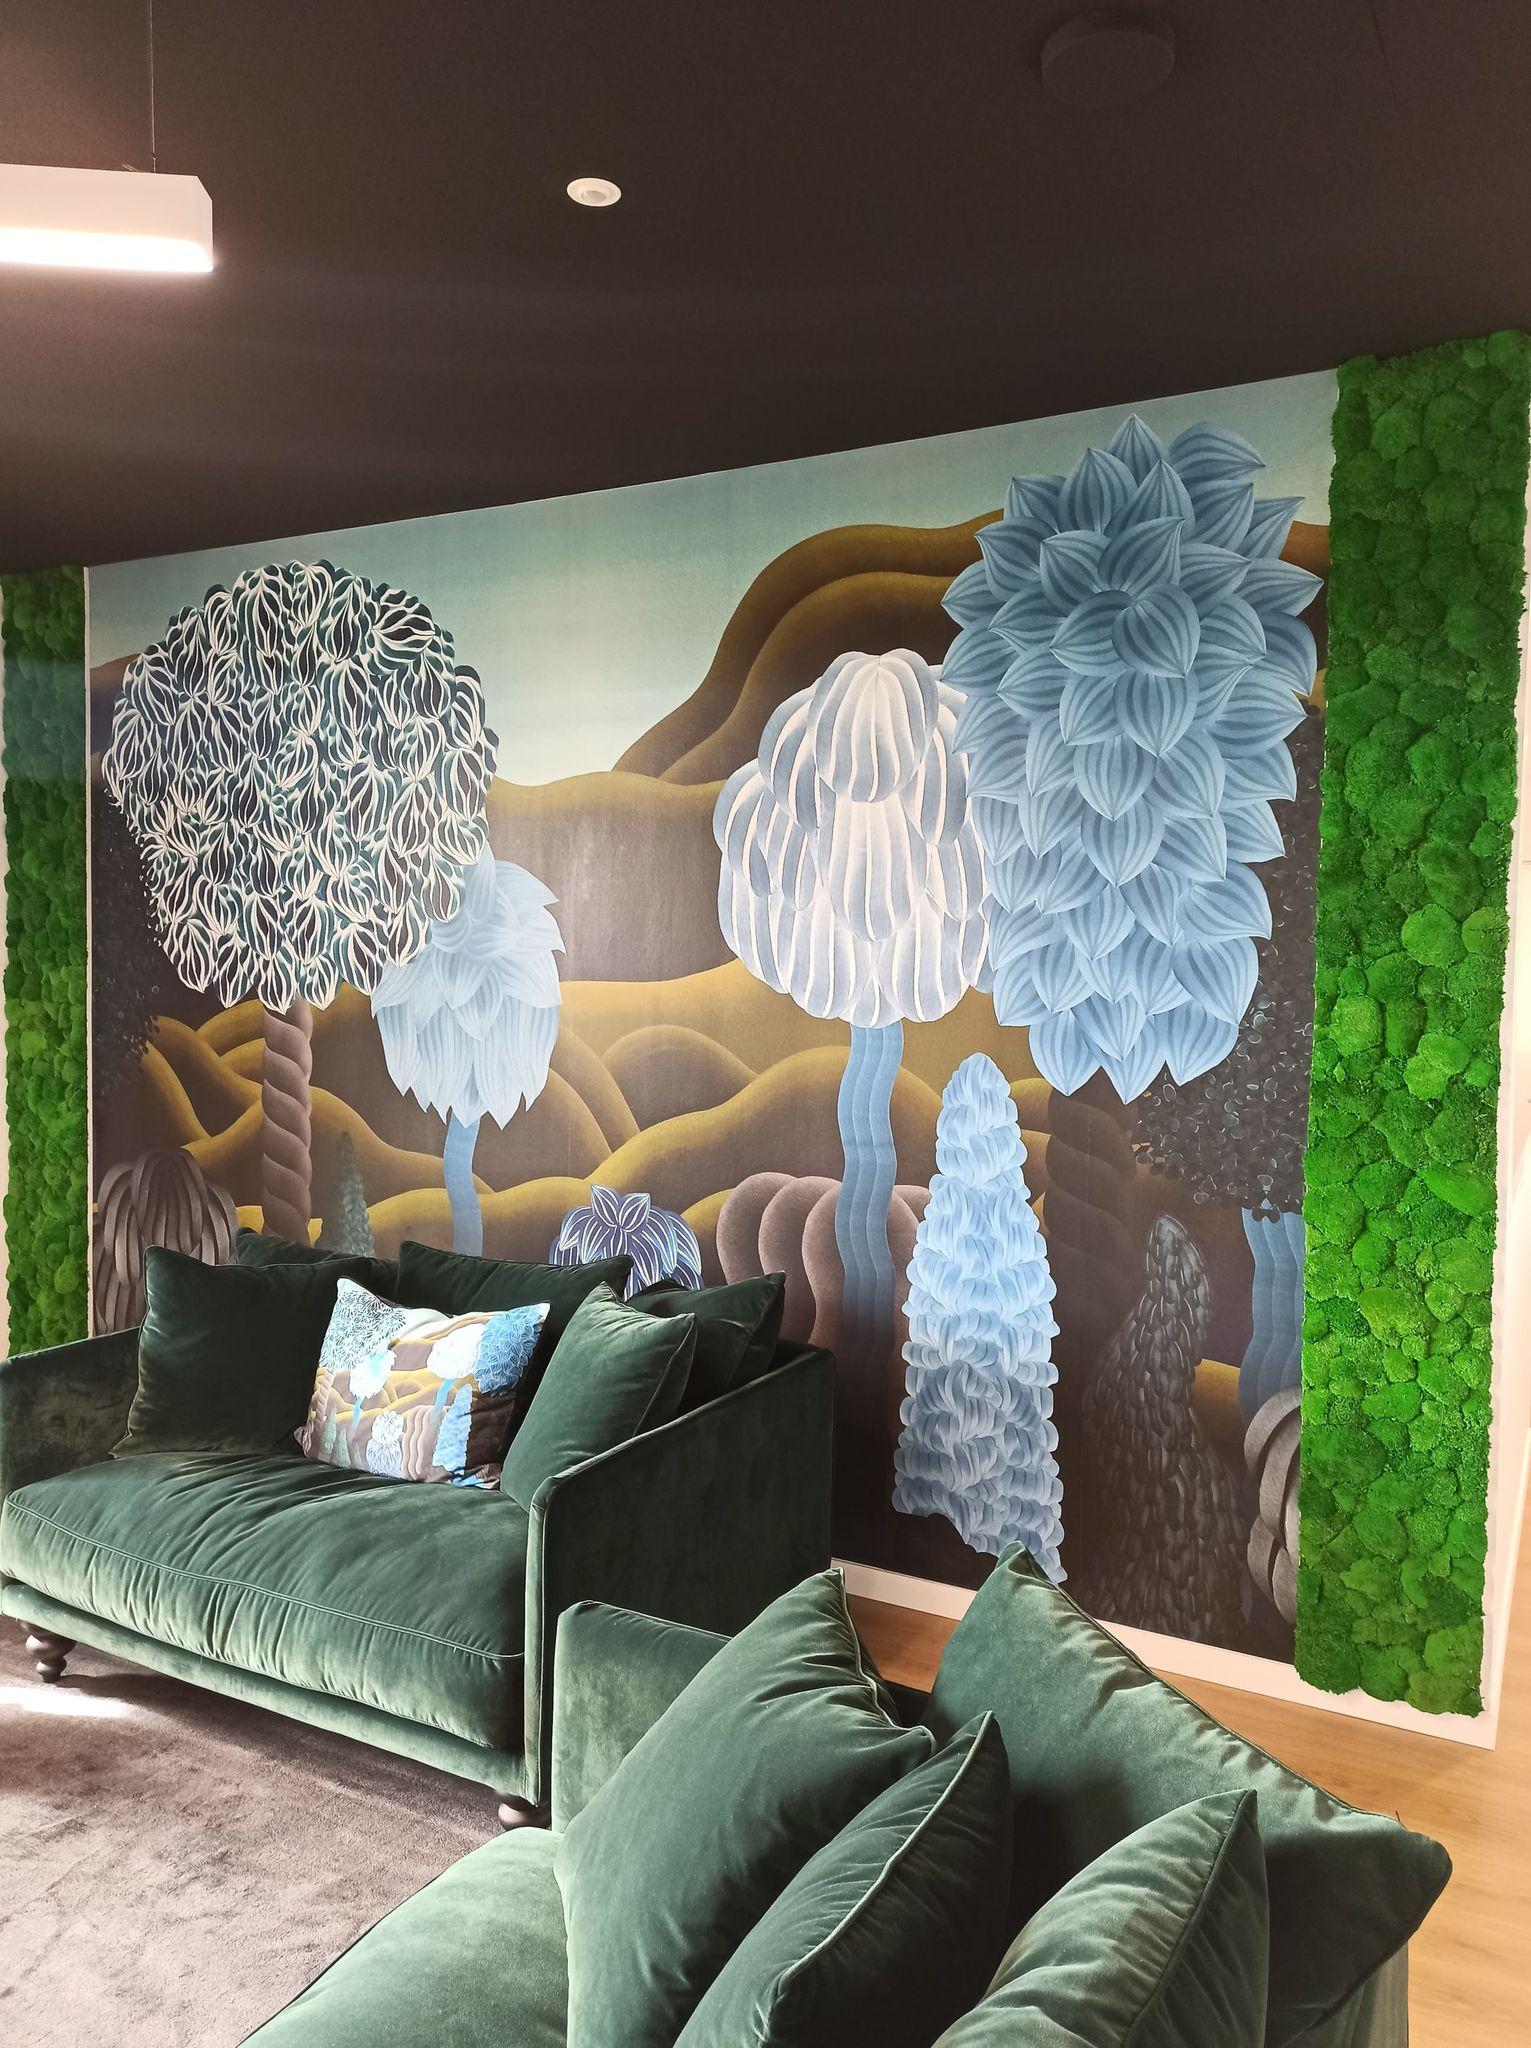 Mur végétal gamme mousse boule (Polygone)